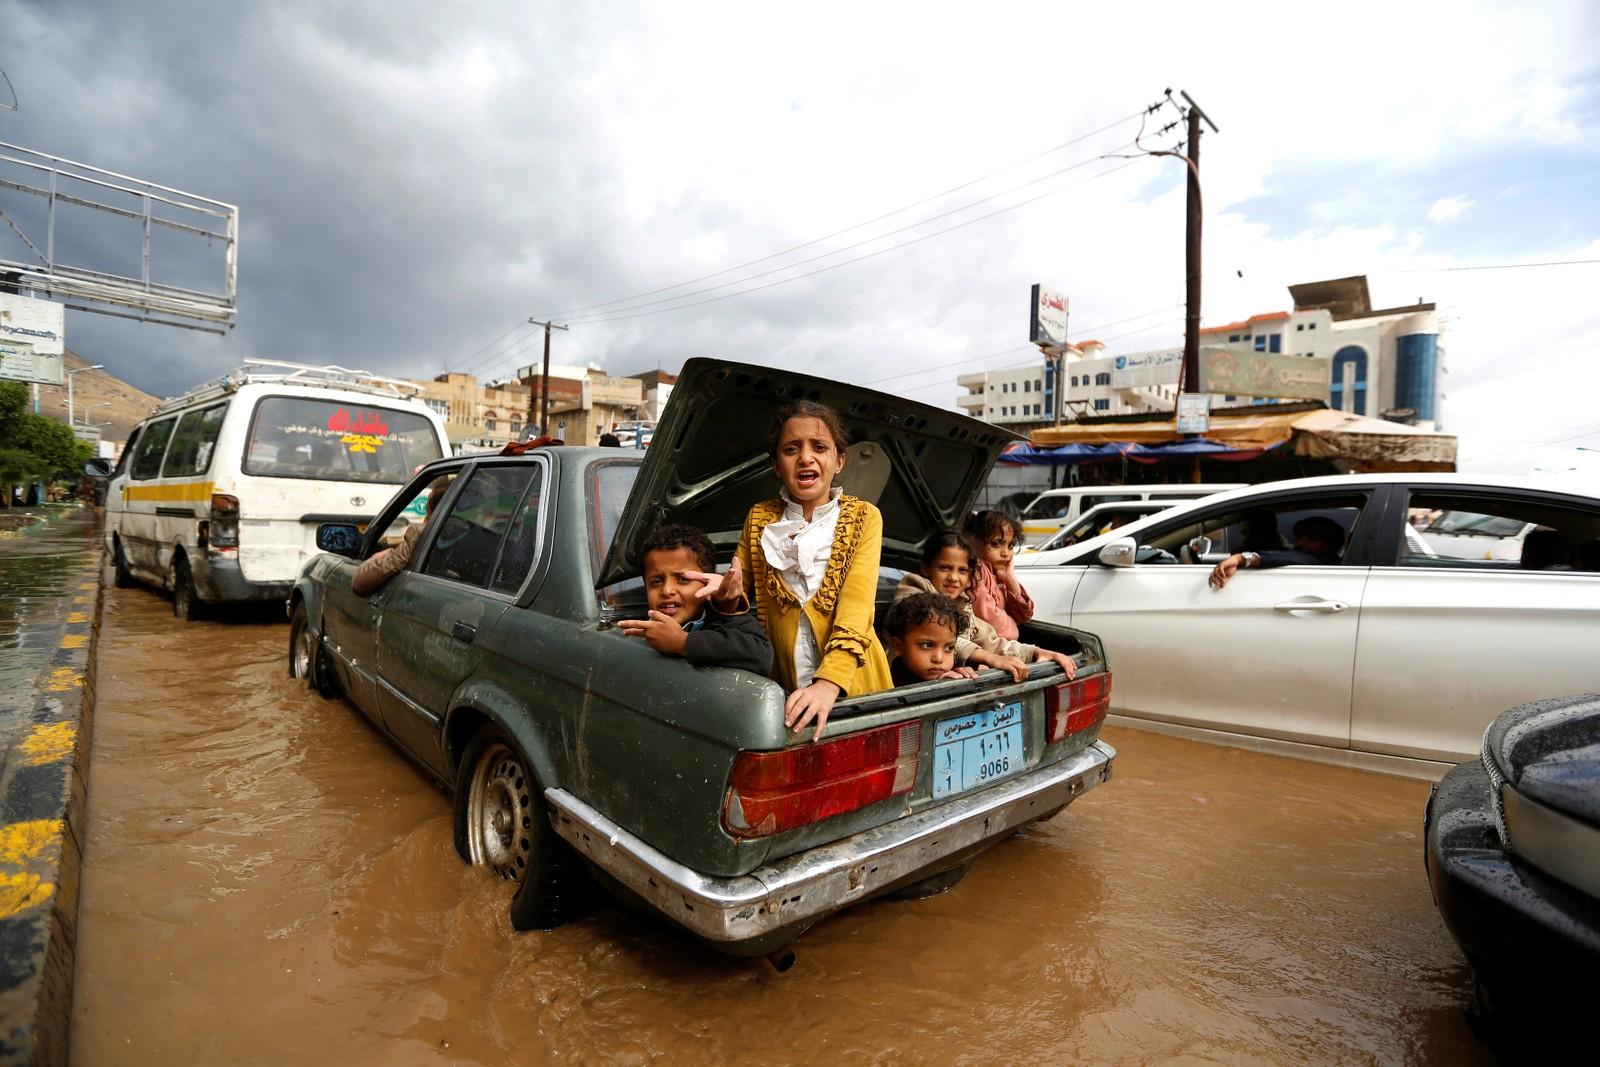 Uvanlig mye regn førte til oversvømte gater i Sanaa i Jemen den 1. august.